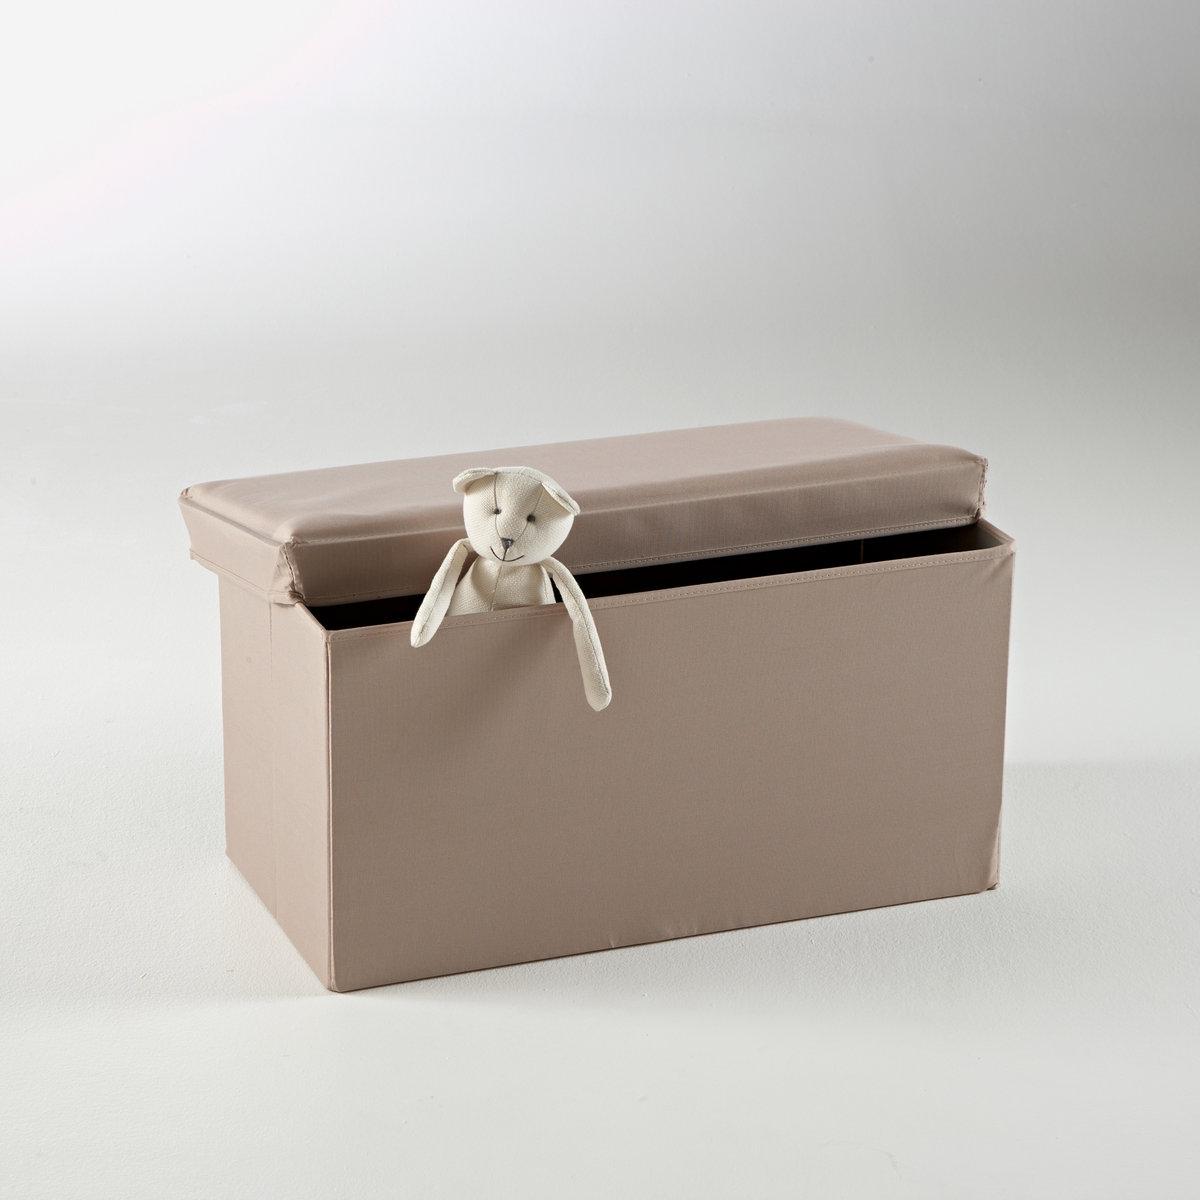 Пуф для хранения складнойОписание складного пуфа для хранения Toudou :Коробка из МДФ, обтянутая тканью, легкий наполнитель из полиэстера.5 цветов на выбор: серый, серо-коричневый, красный, зеленый и виолетовый.Пуф для хранения Toudou готов к сборке.Ищите полную коллекцию Toudou на laredoute.ru.Размеры пуфа для хранения Toudou :Длина: 72 см. Высота: 40 см. Ширина: 37 см.Внутри: Длина 67,5 x Высота 35 x Ширина 32 см.<br><br>Цвет: серо-коричневый,серый мышиный